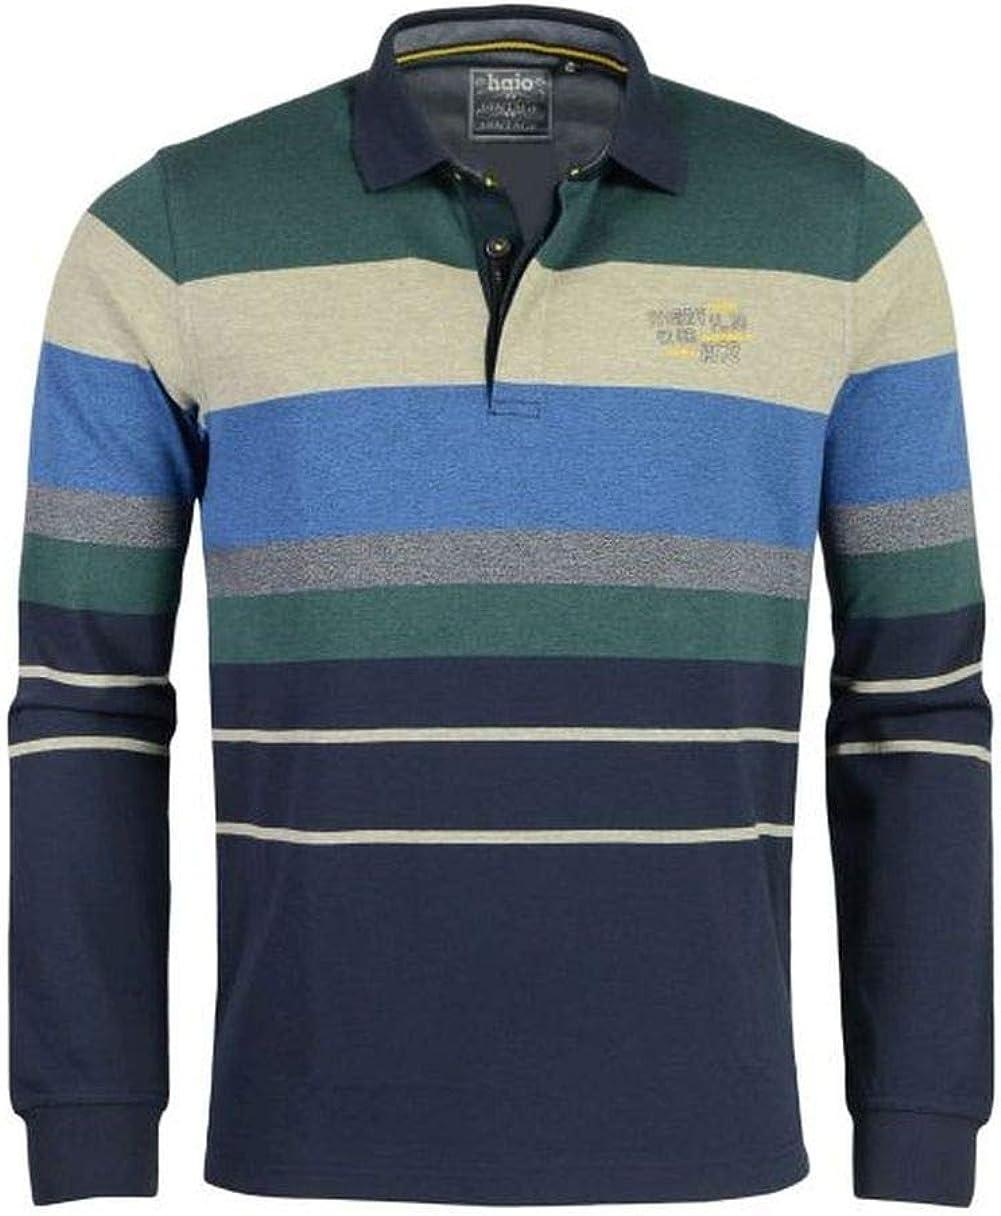 Hajo Stay Fresh - Camiseta de Rugby para Hombre 2648/B, Marine XXXL: Amazon.es: Ropa y accesorios